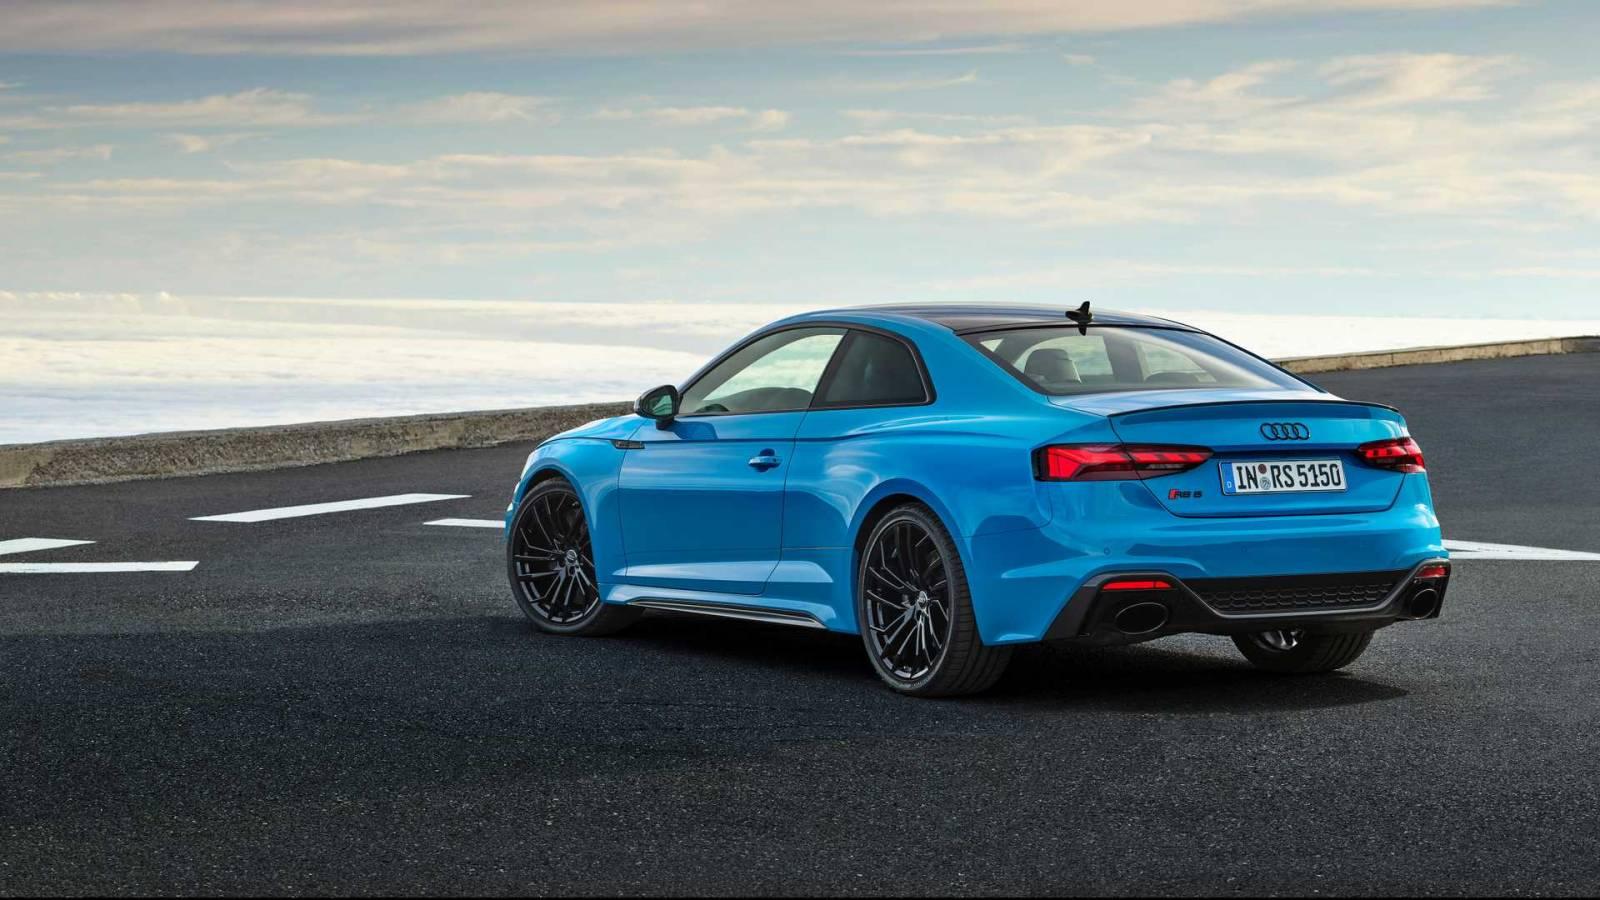 2020-audi-rs5-coupe-facelift (2)   Autogratis.sk